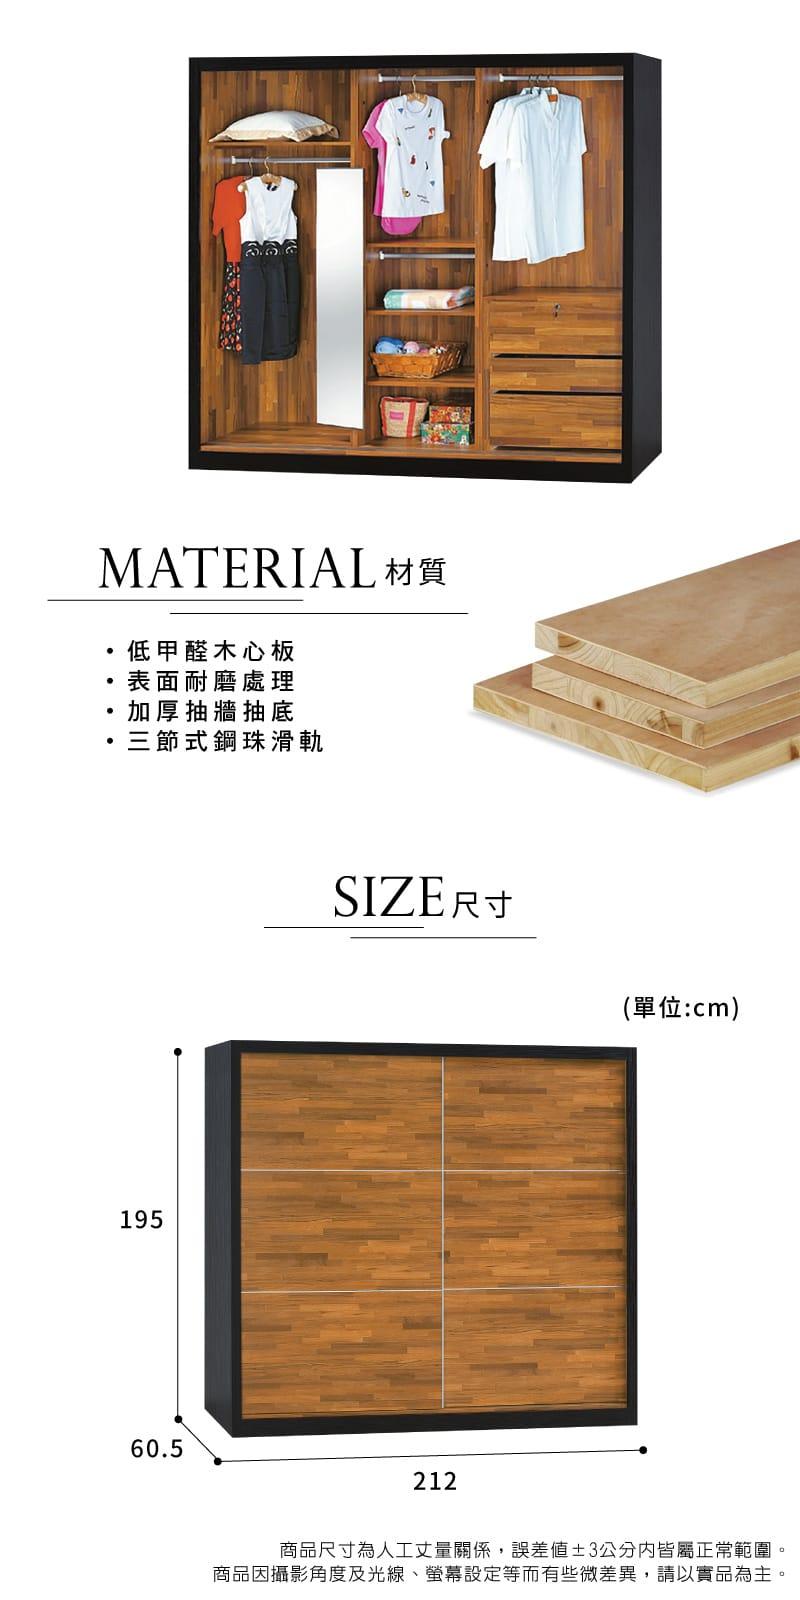 集層木滑門收納置物衣櫃 寬212cm